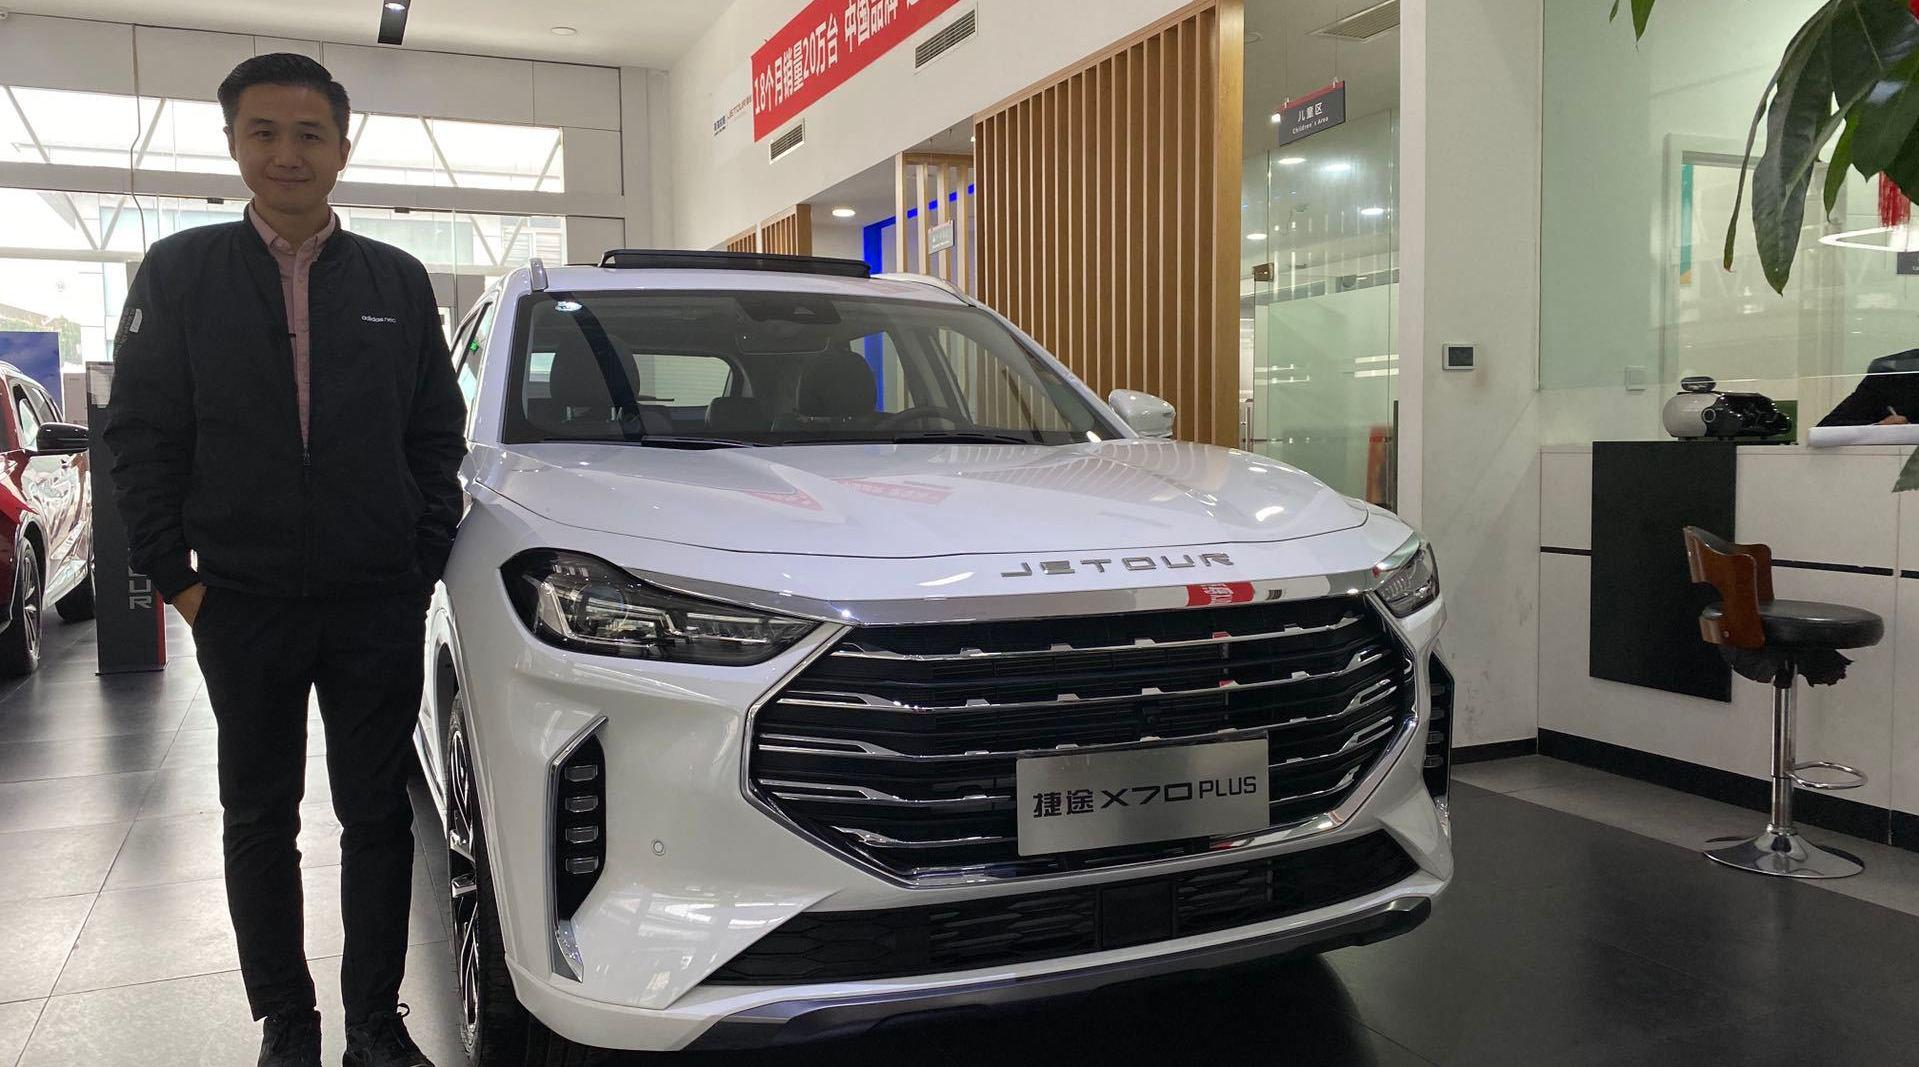 捷途在北京车展展出最新车型捷途X70 PLUS……